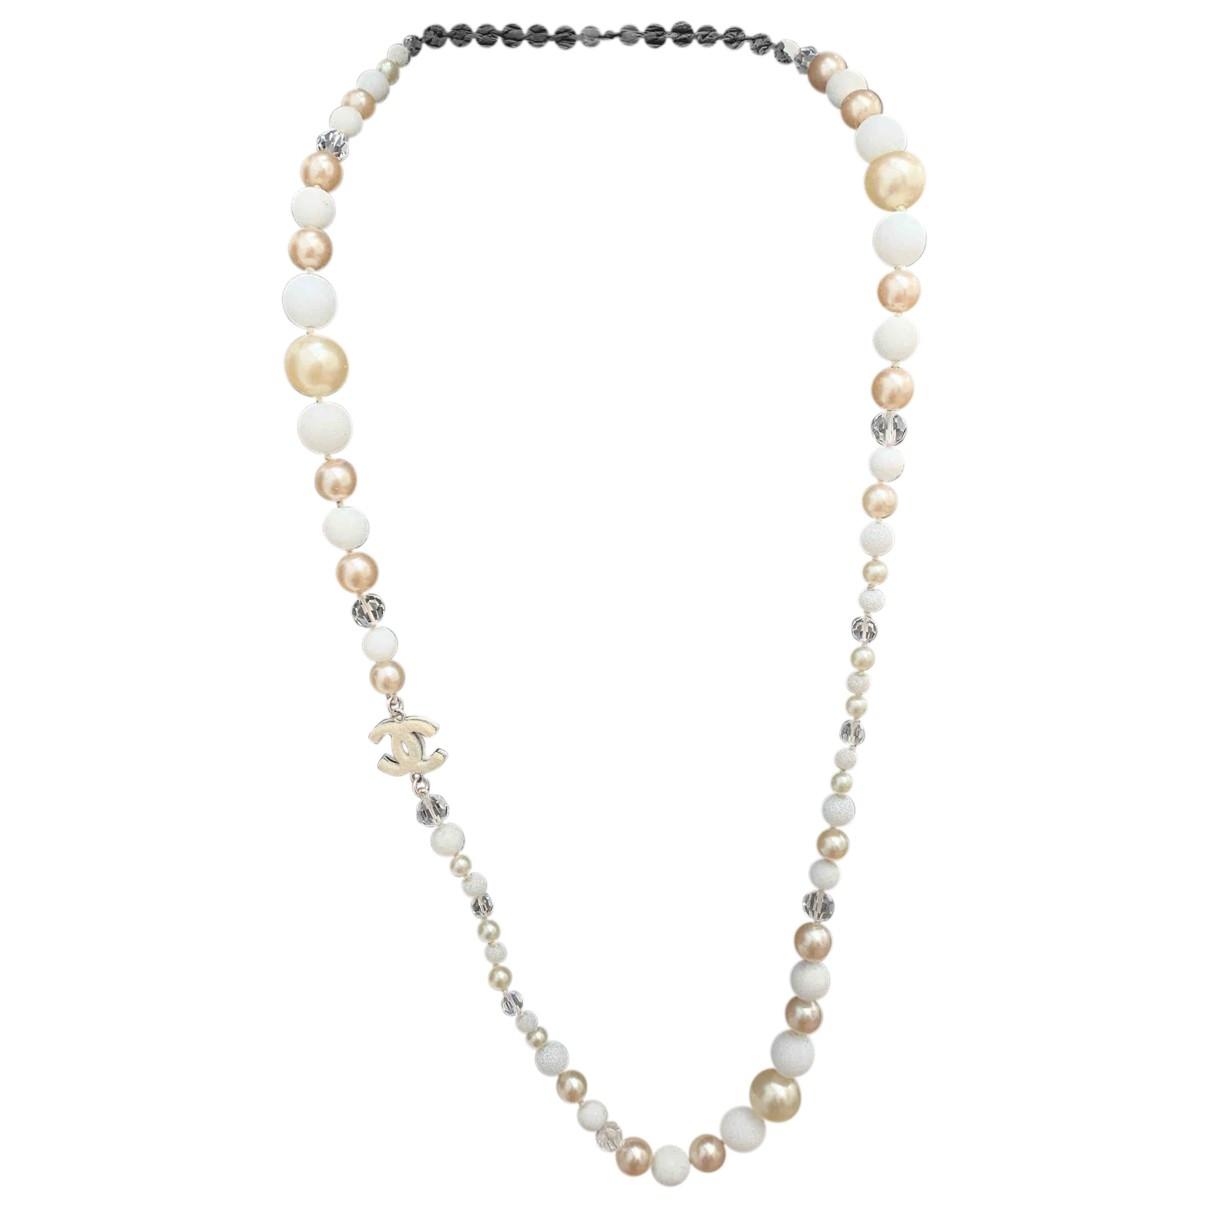 Chanel - Pendentif   pour femme en perles - blanc